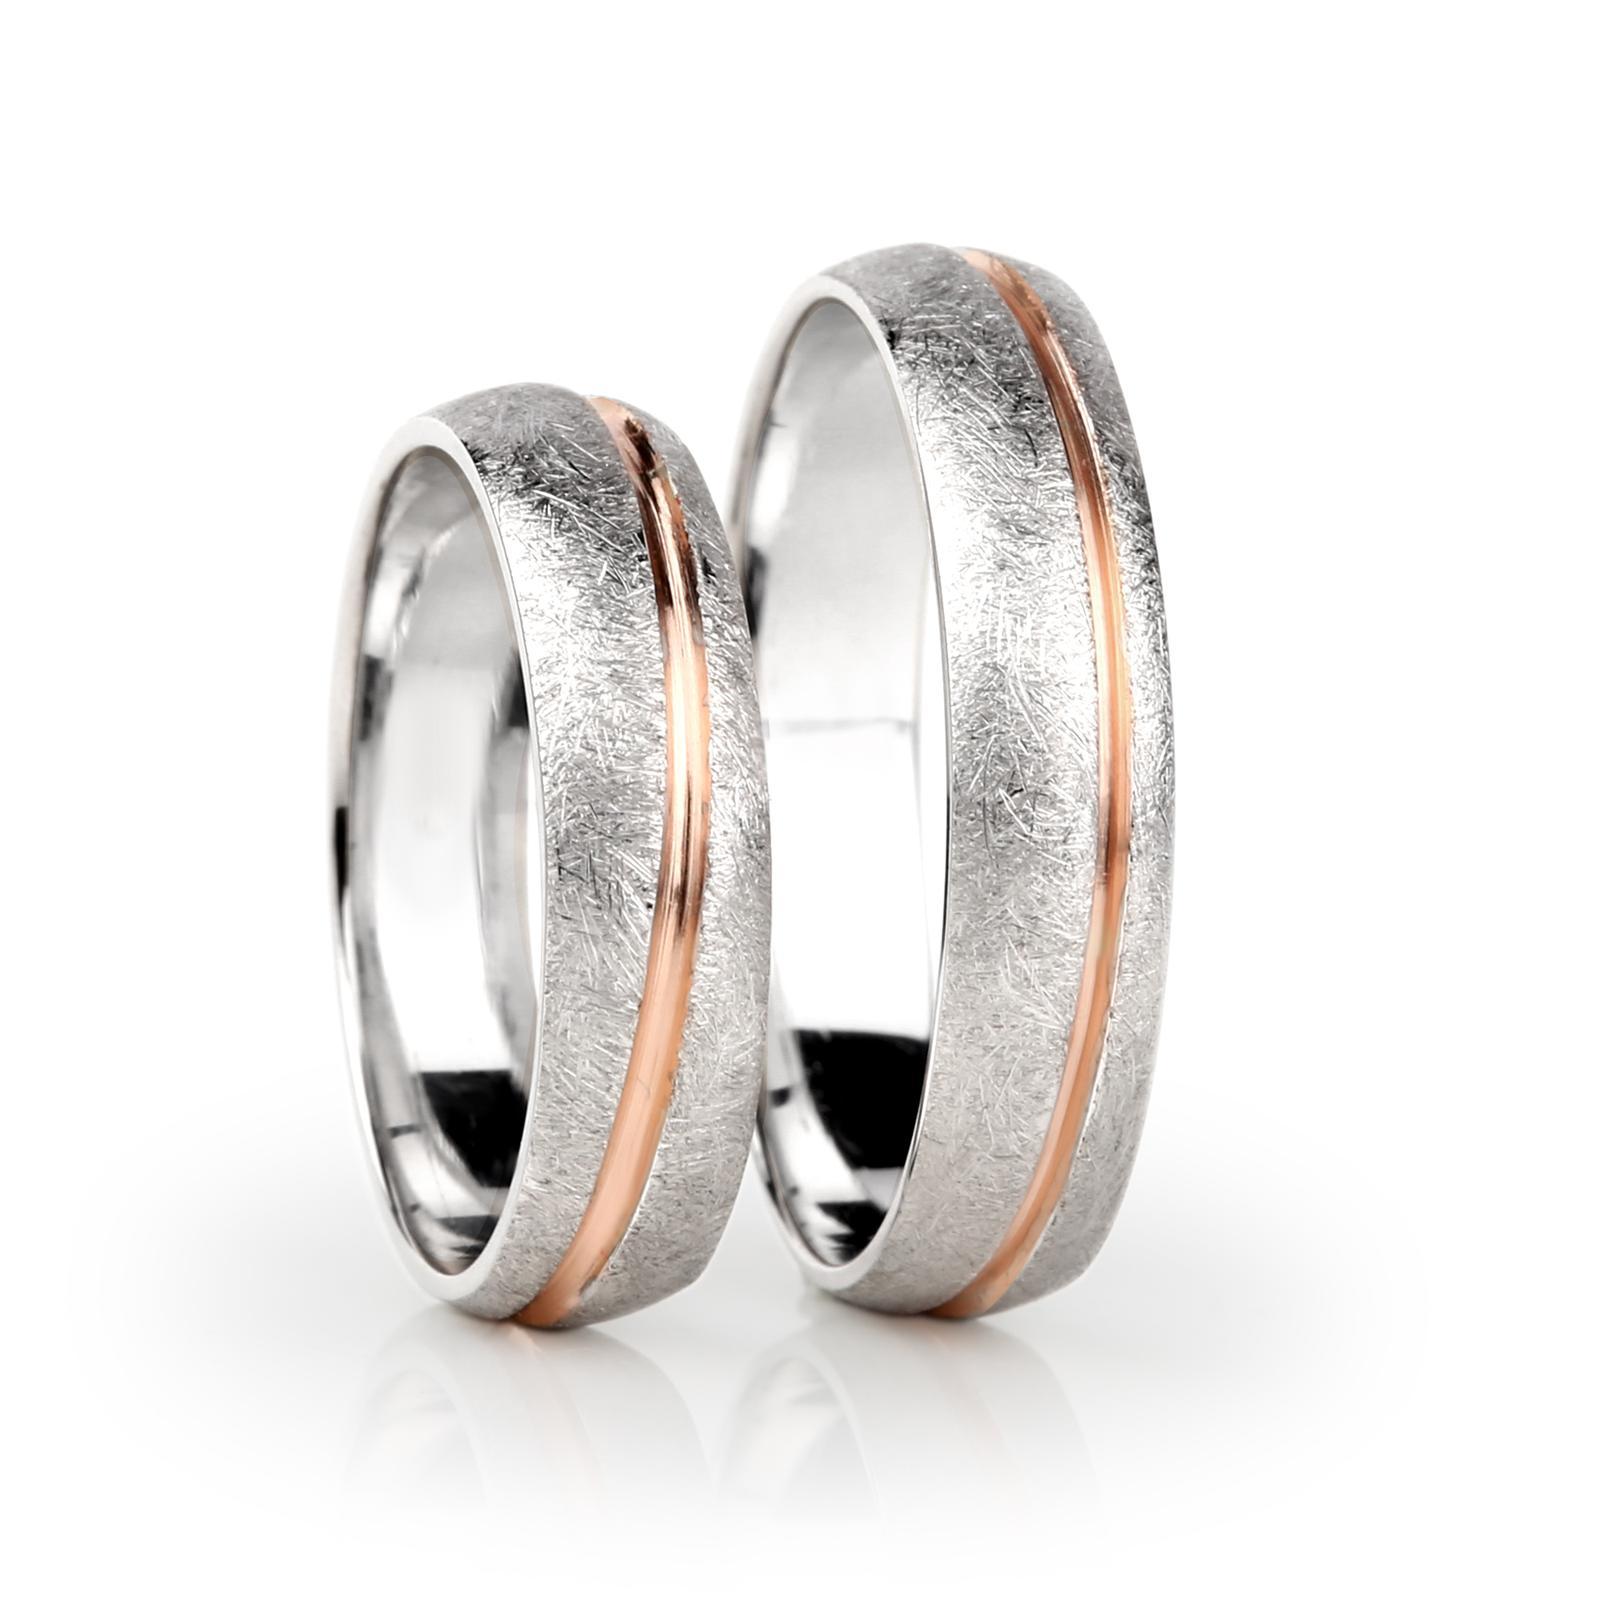 Snubní prsten model 869 - Obrázek č. 1